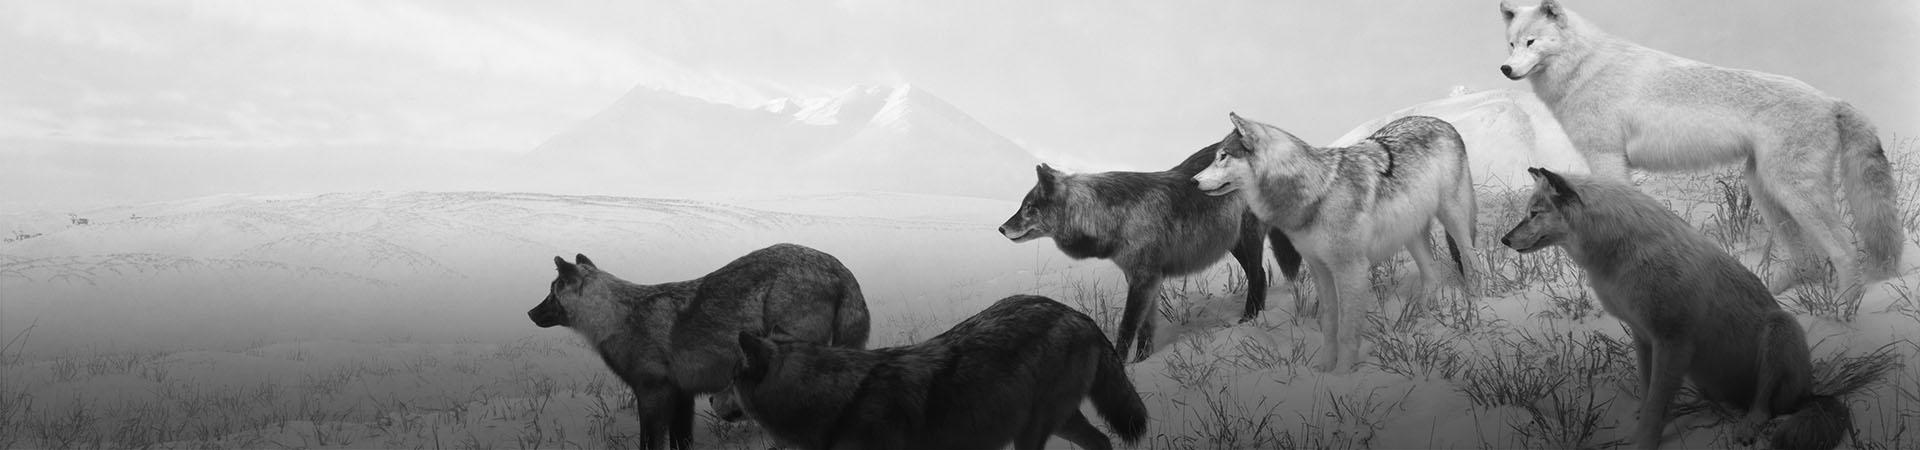 Hiroshi Sugimoto. Alaskan Wolves